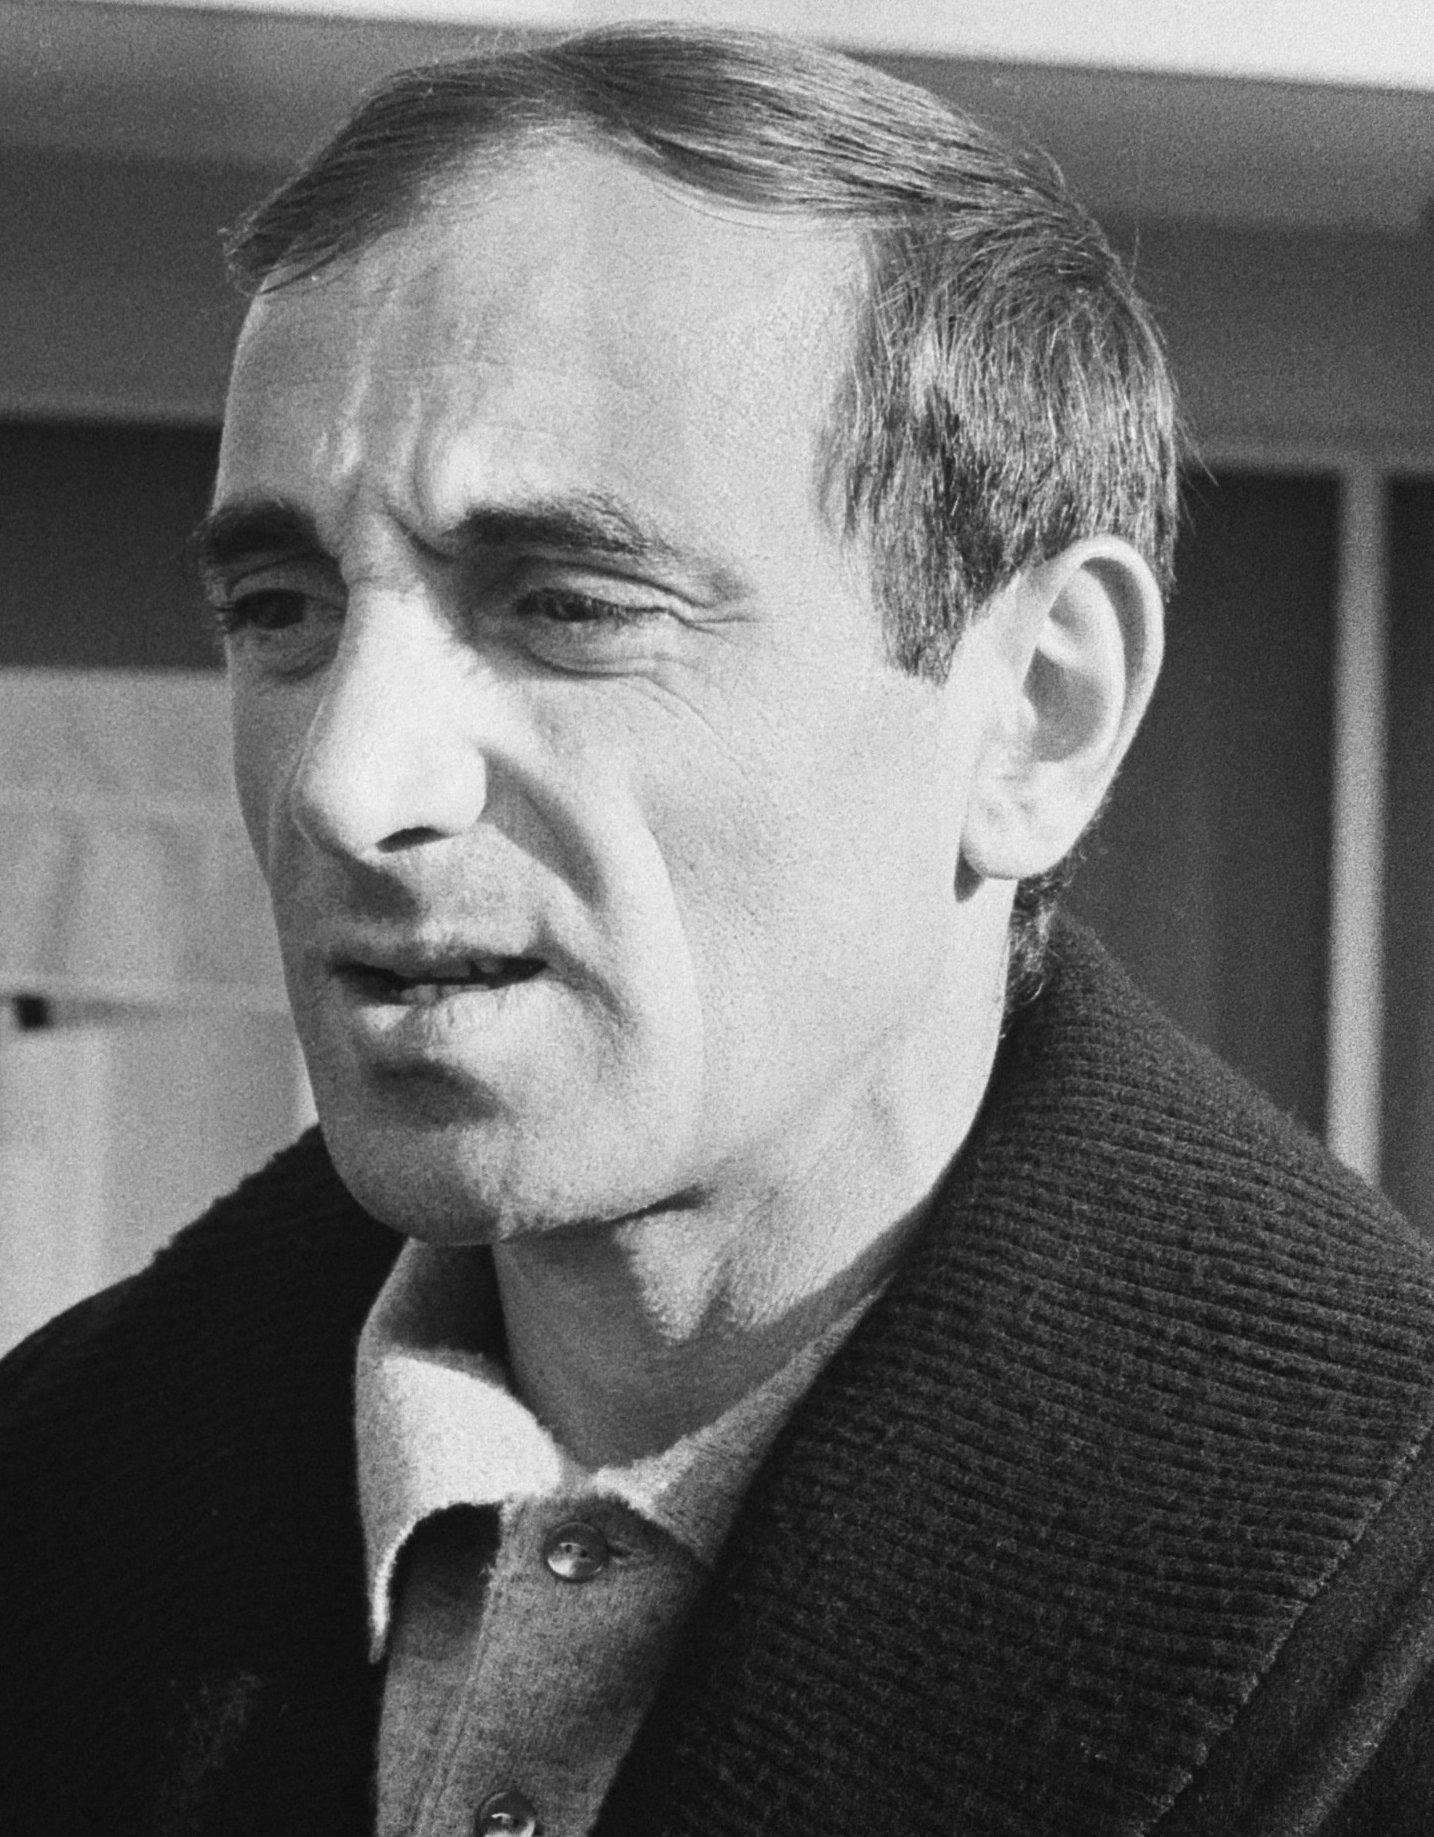 Veja o que saiu no Migalhas sobre Charles Aznavour